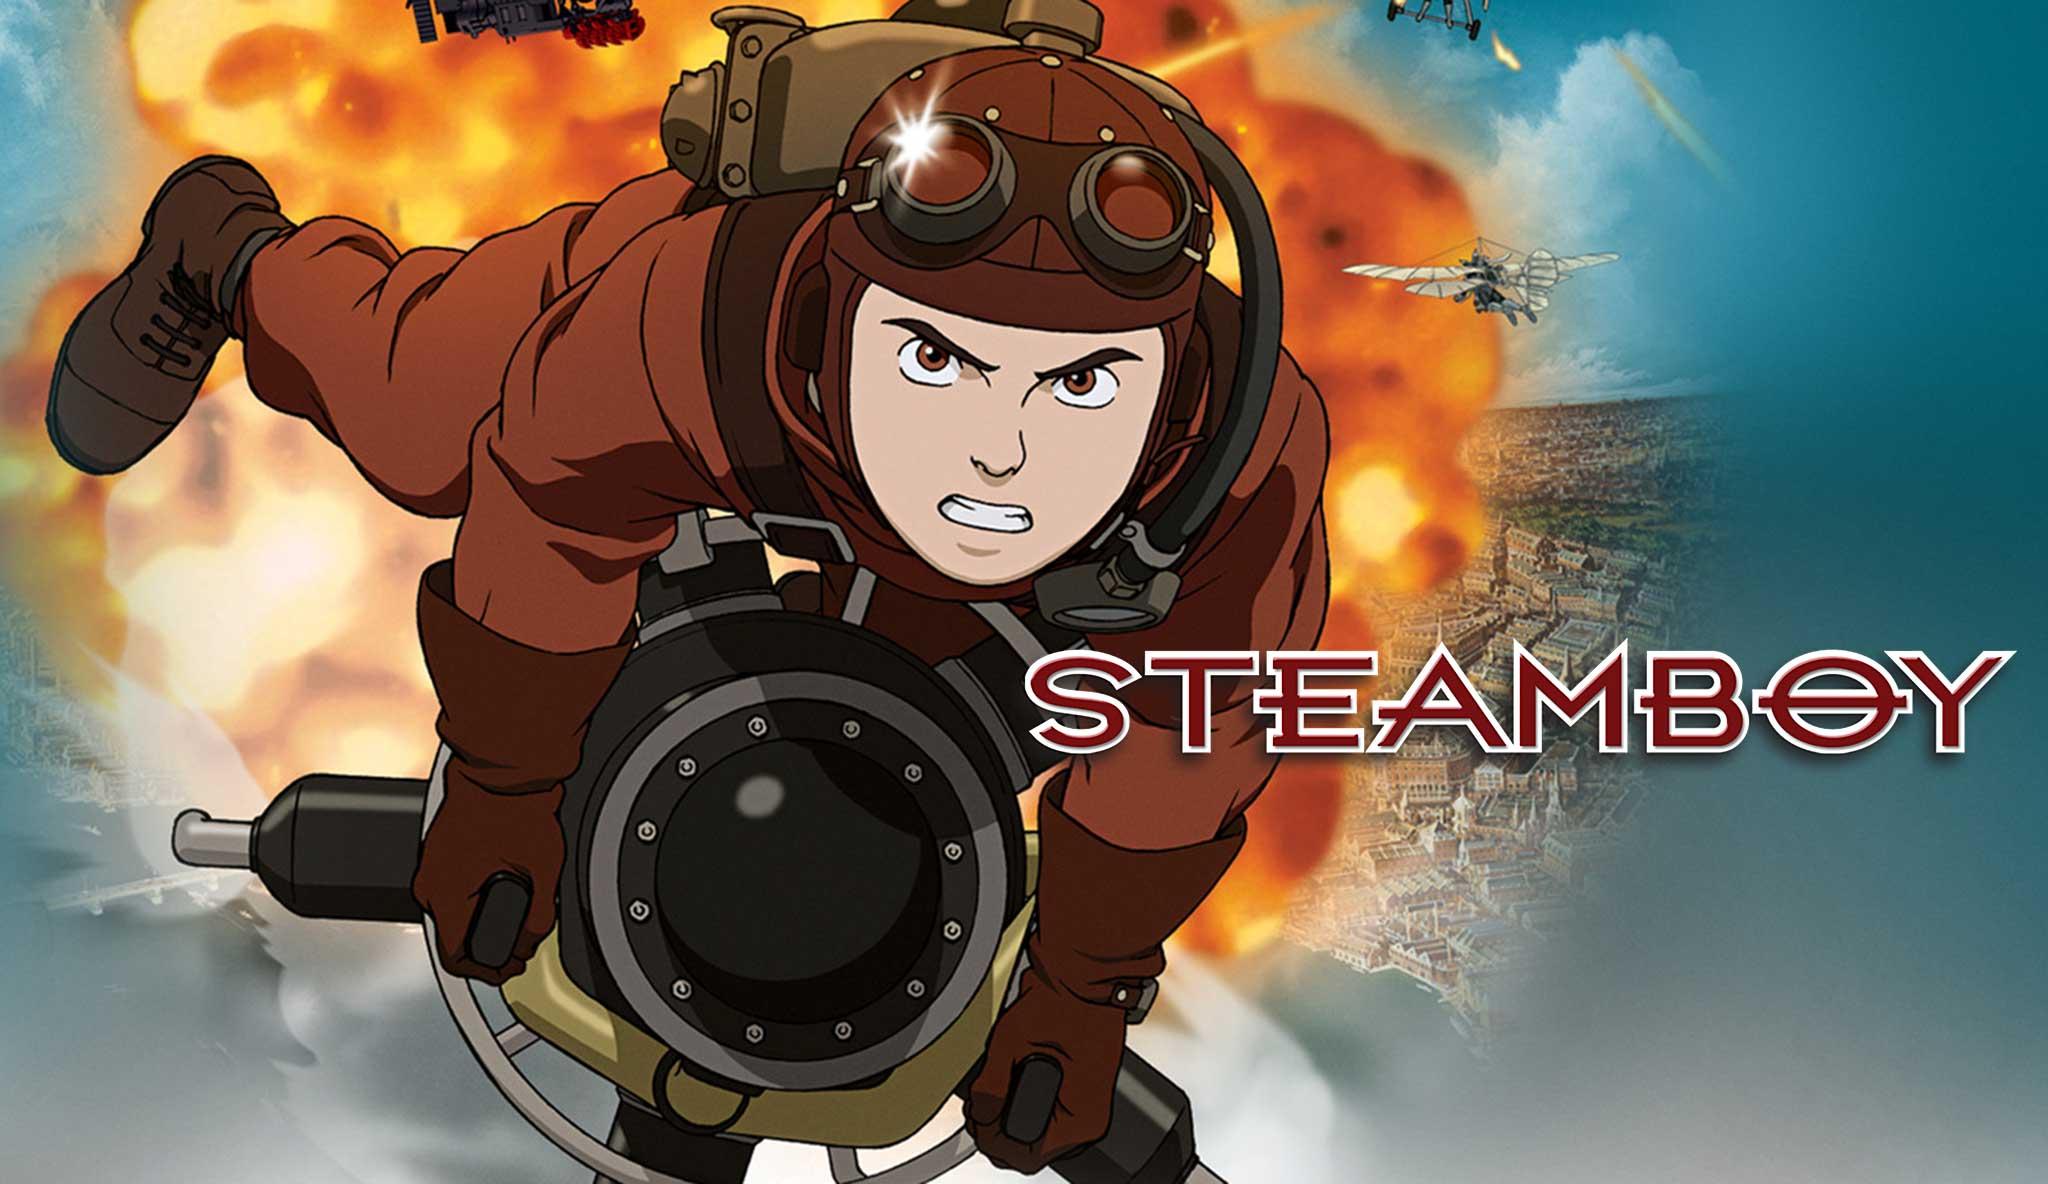 steamboy\header.jpg